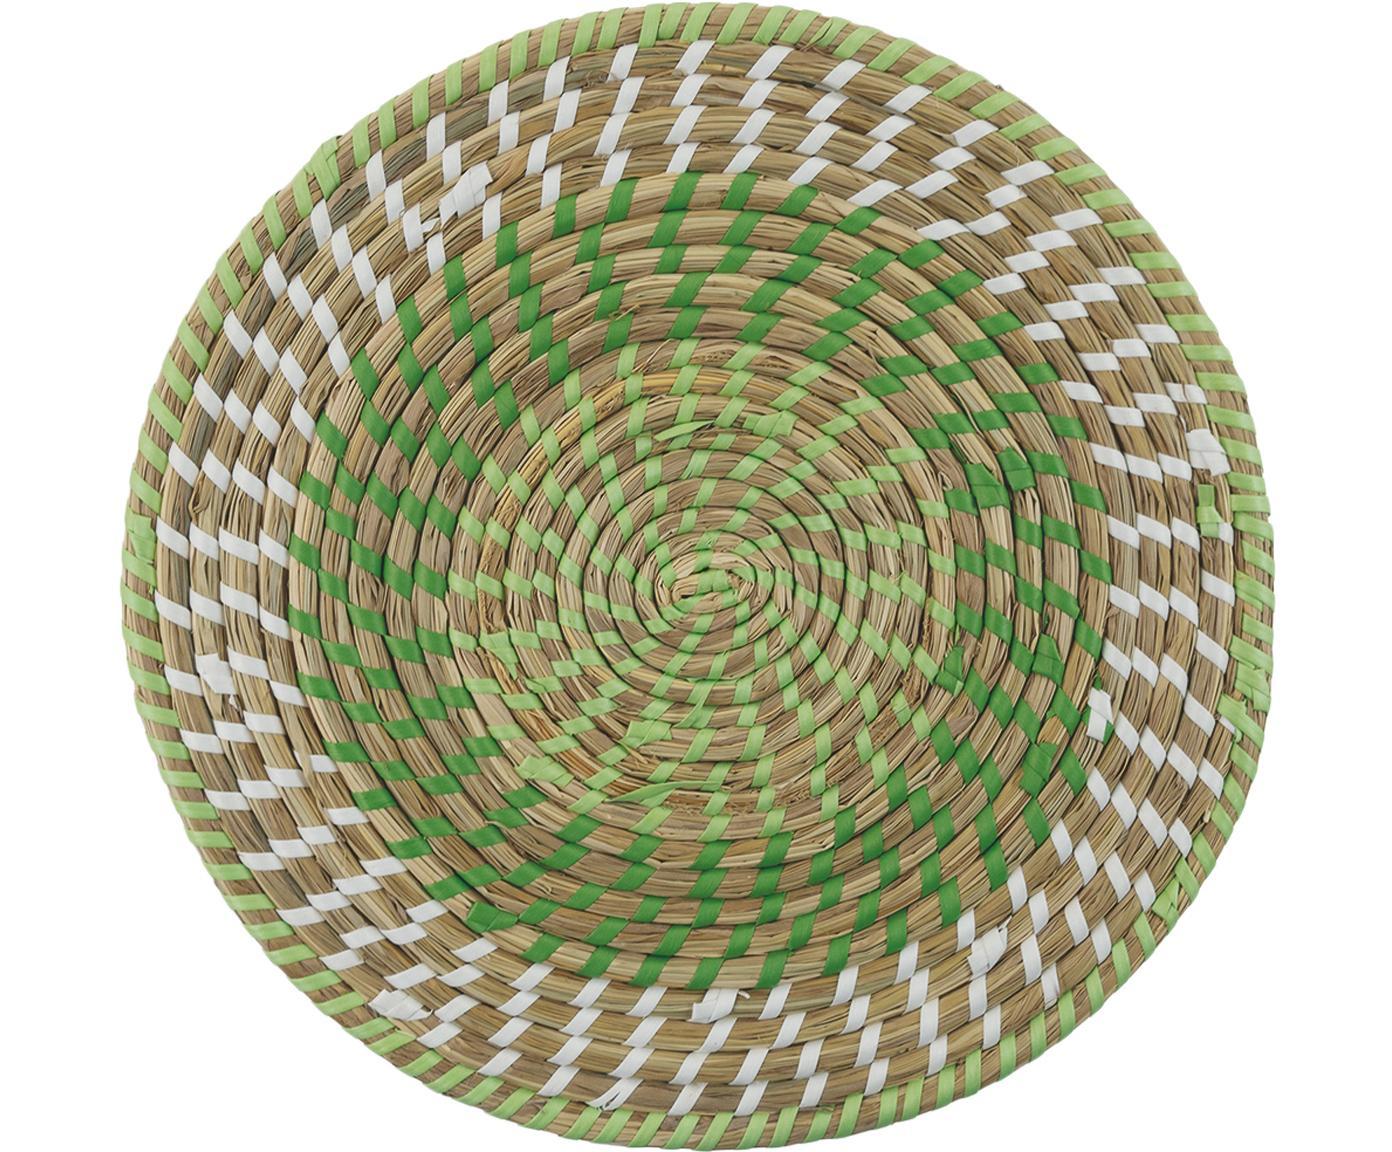 Komplet okrągłych podkładek z włókien naturalnych Mexico, 6 elem., Słoma, Wielobarwny, Ø 38 cm